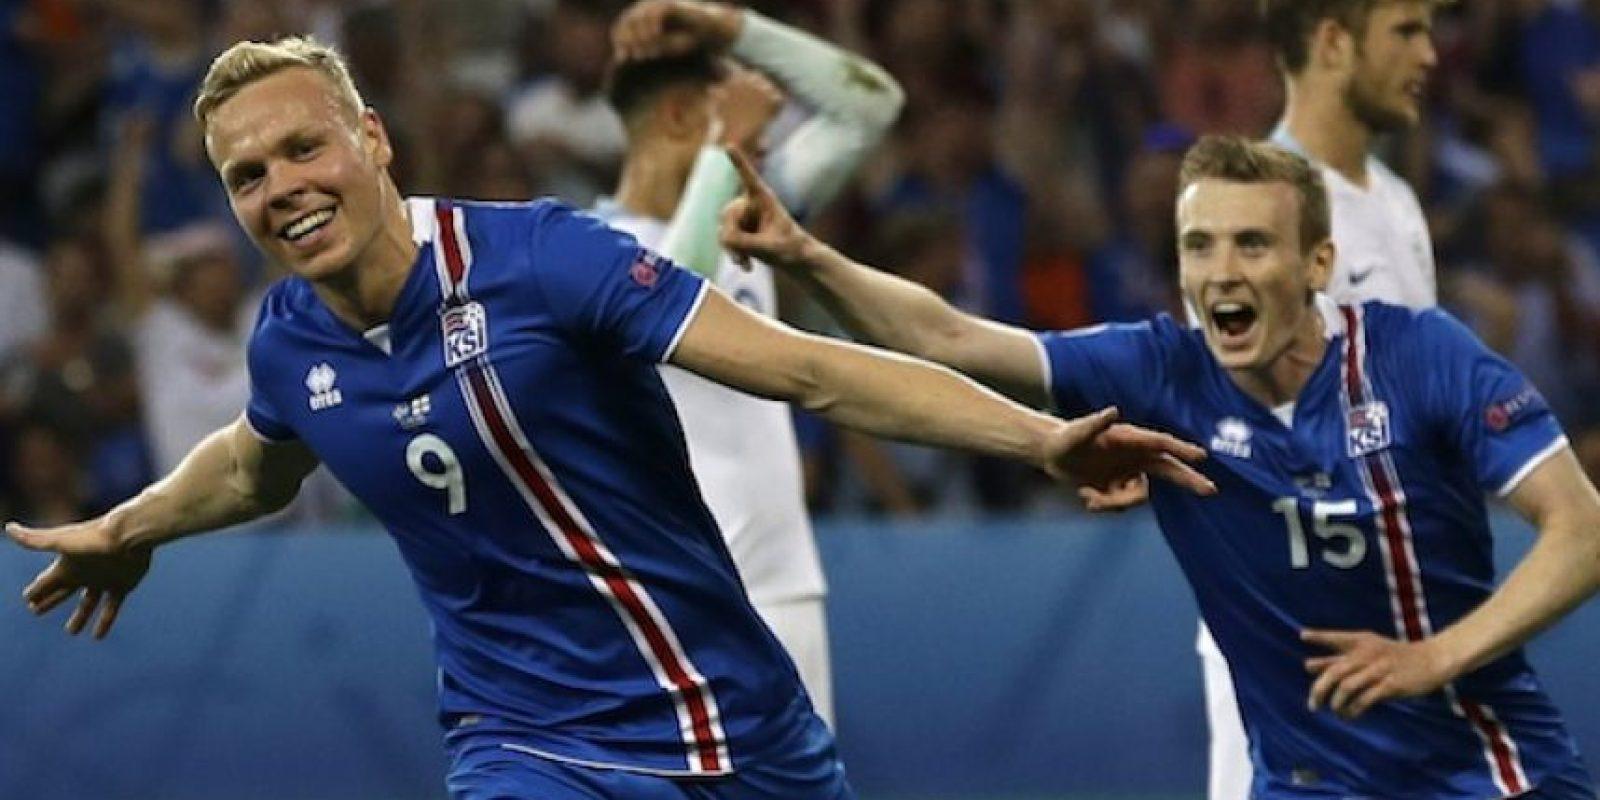 Con goles de Sigurdsson y de Sigthorsson, Islandia dejó en el camino a los ingleses. Foto:AP